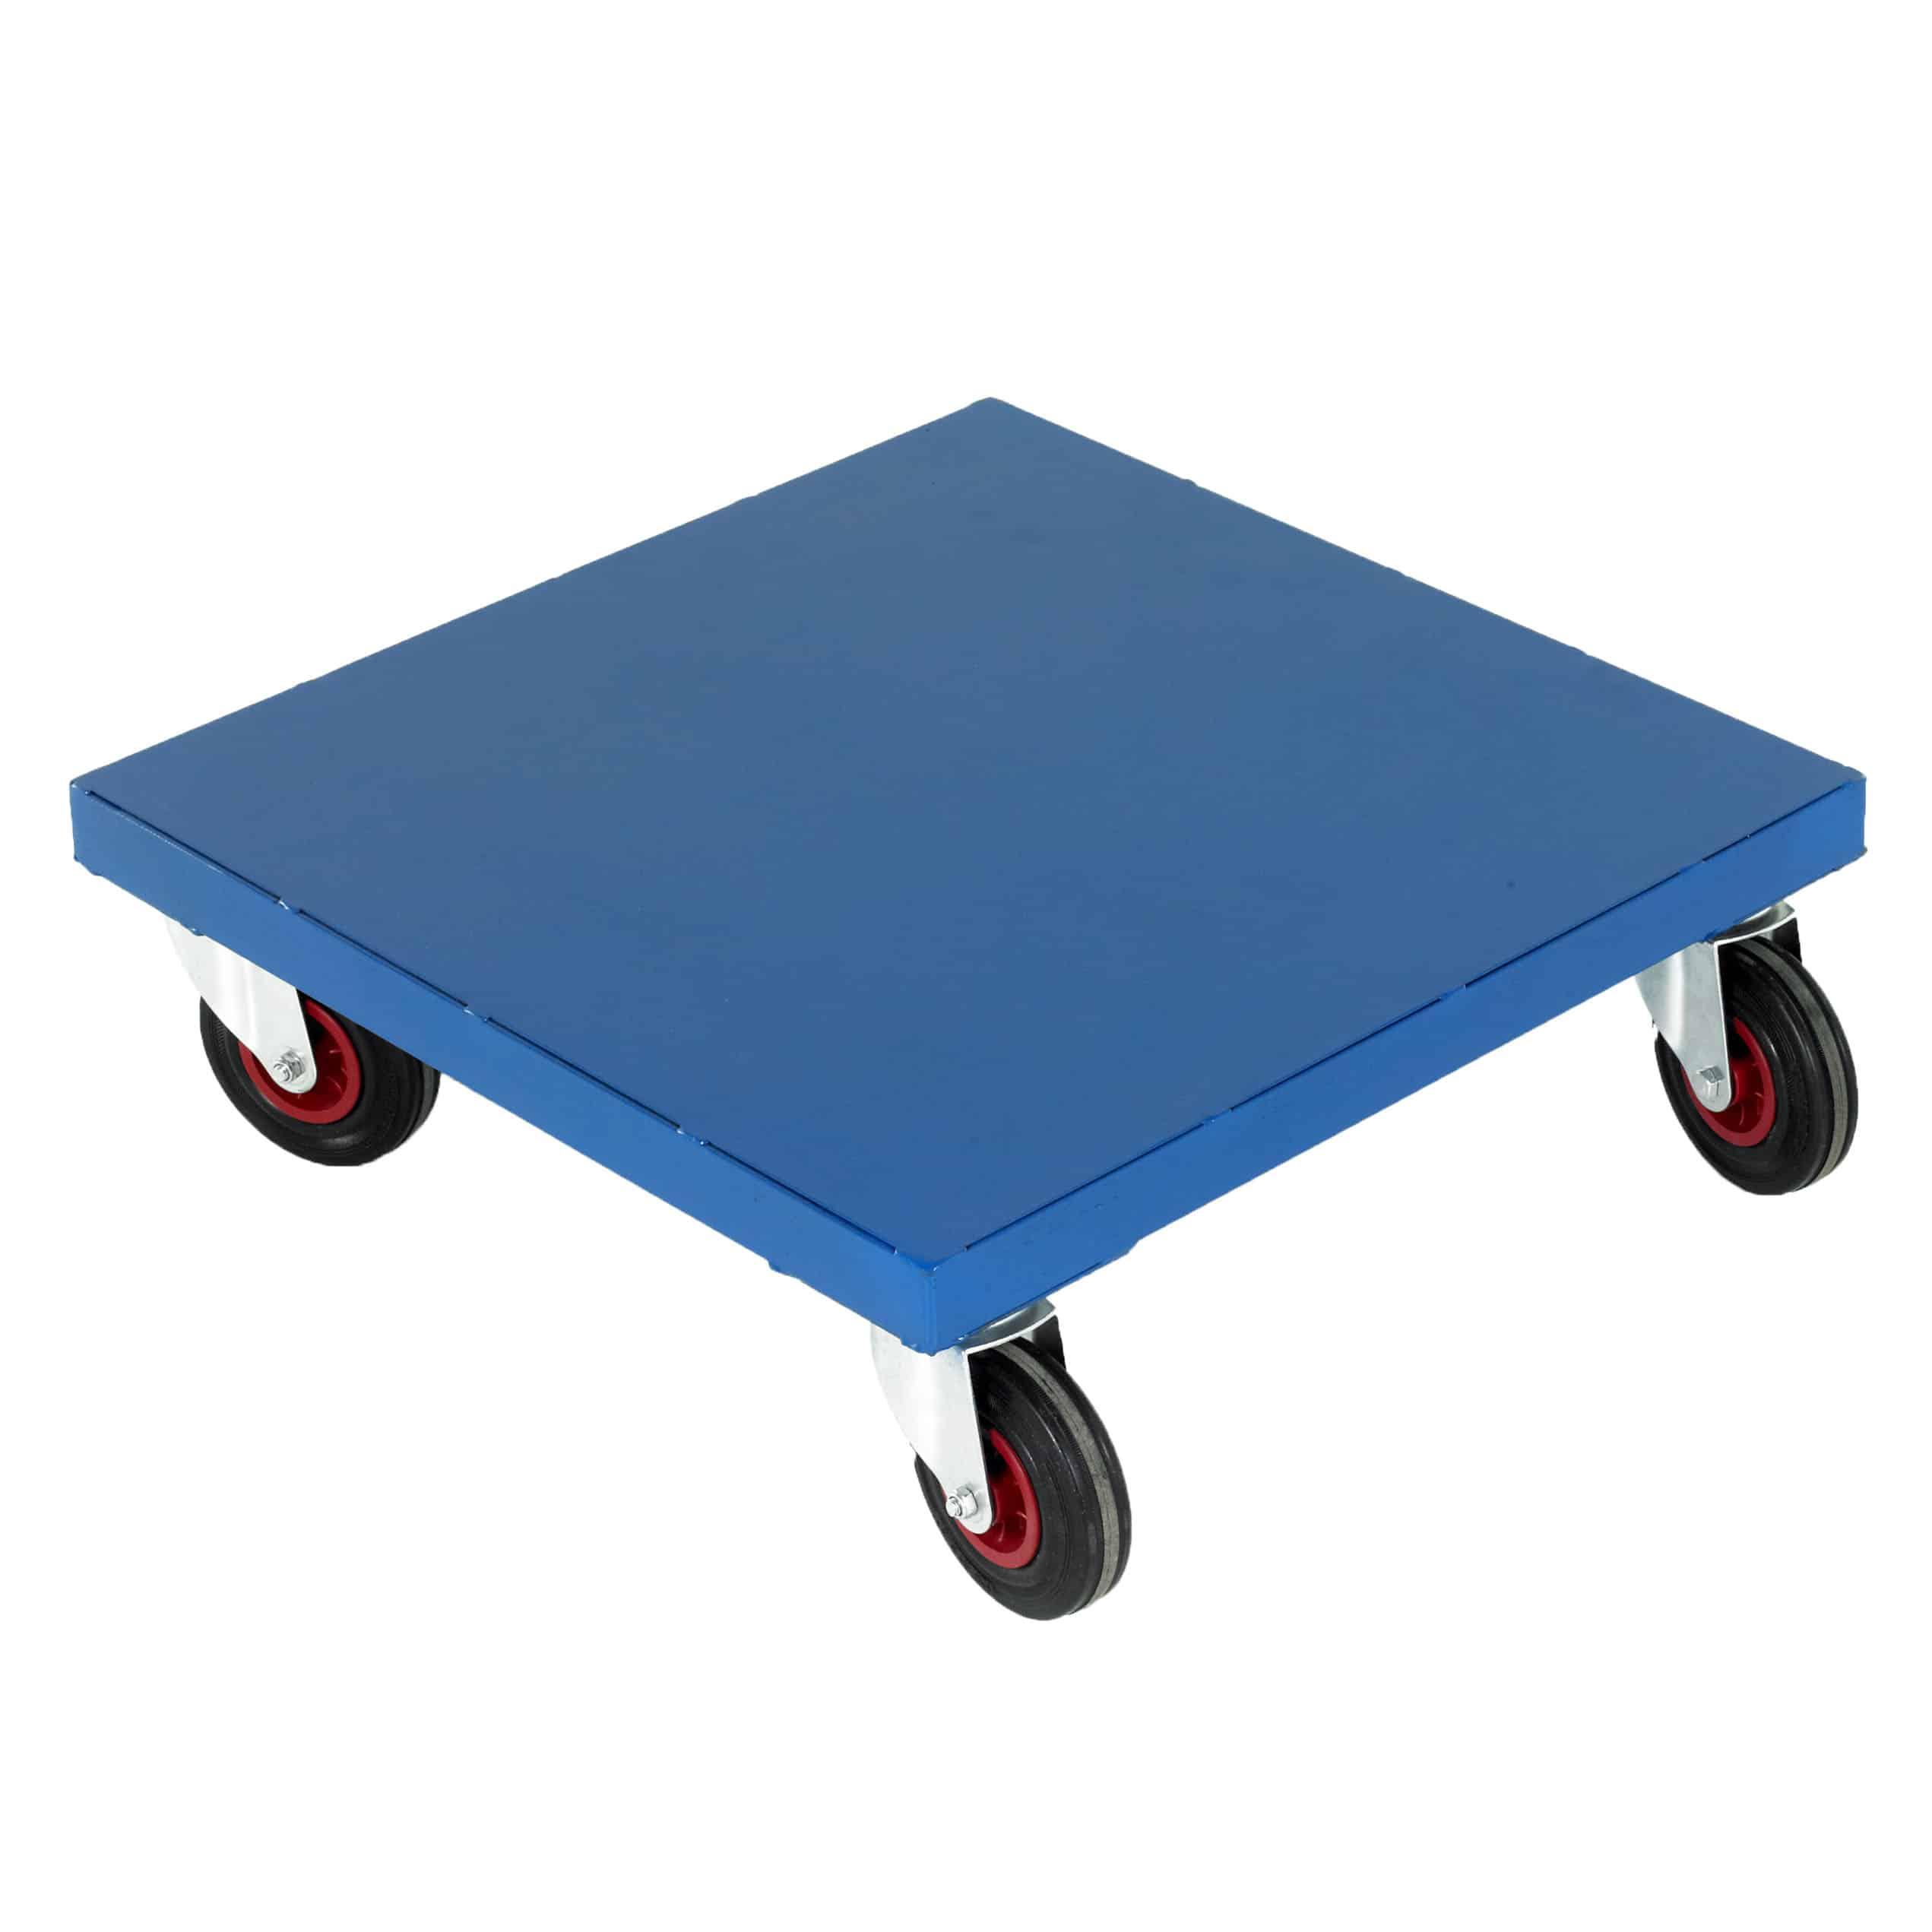 Steel Deck Steel Platform Dollies 300kg Capacity